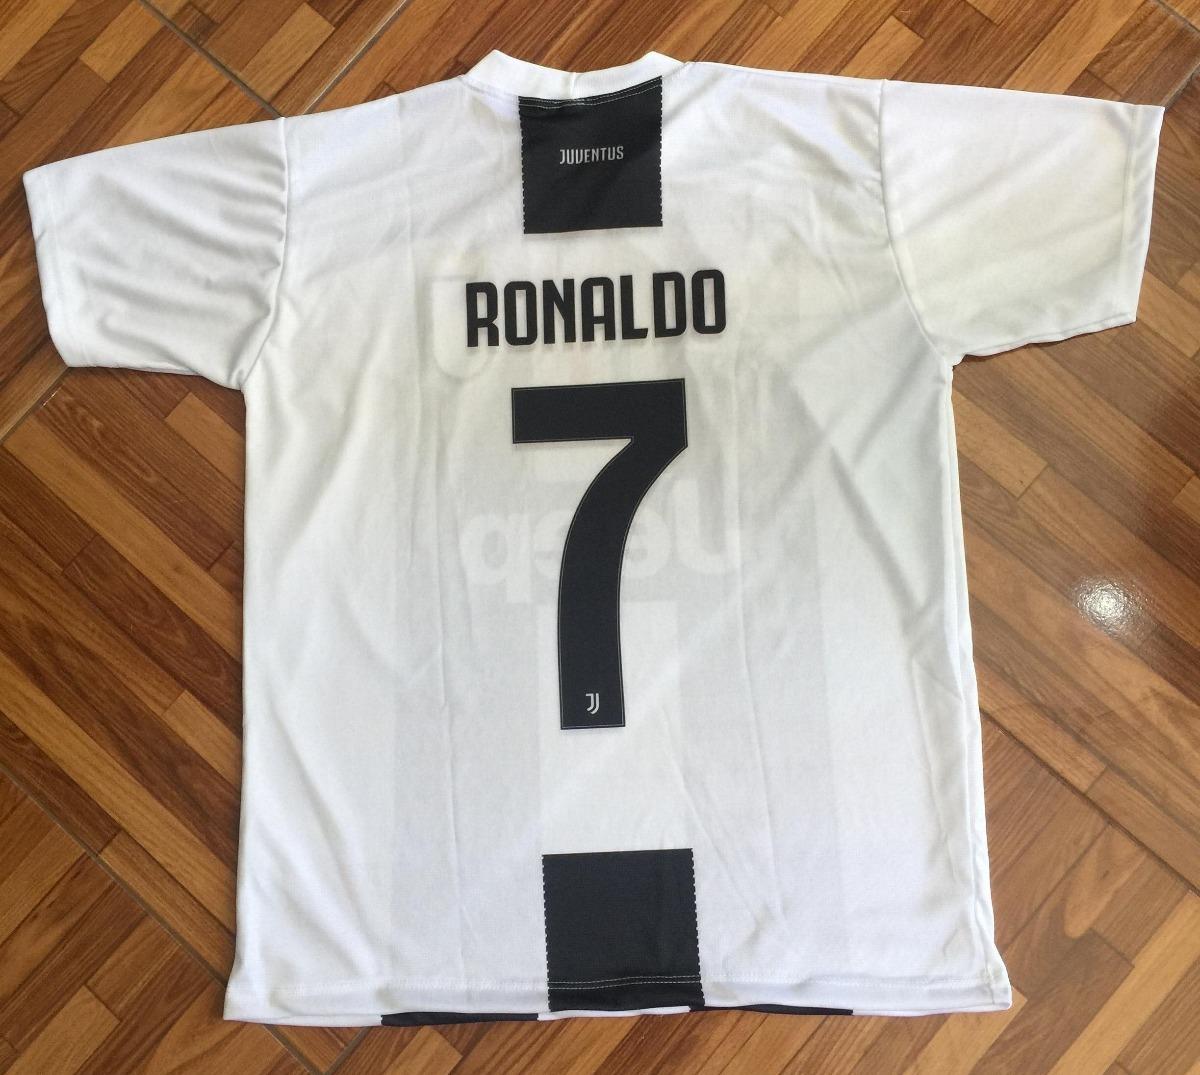 ad36278a3 camiseta camisa juventus cristiano ronaldo 07 envio já. Carregando zoom.